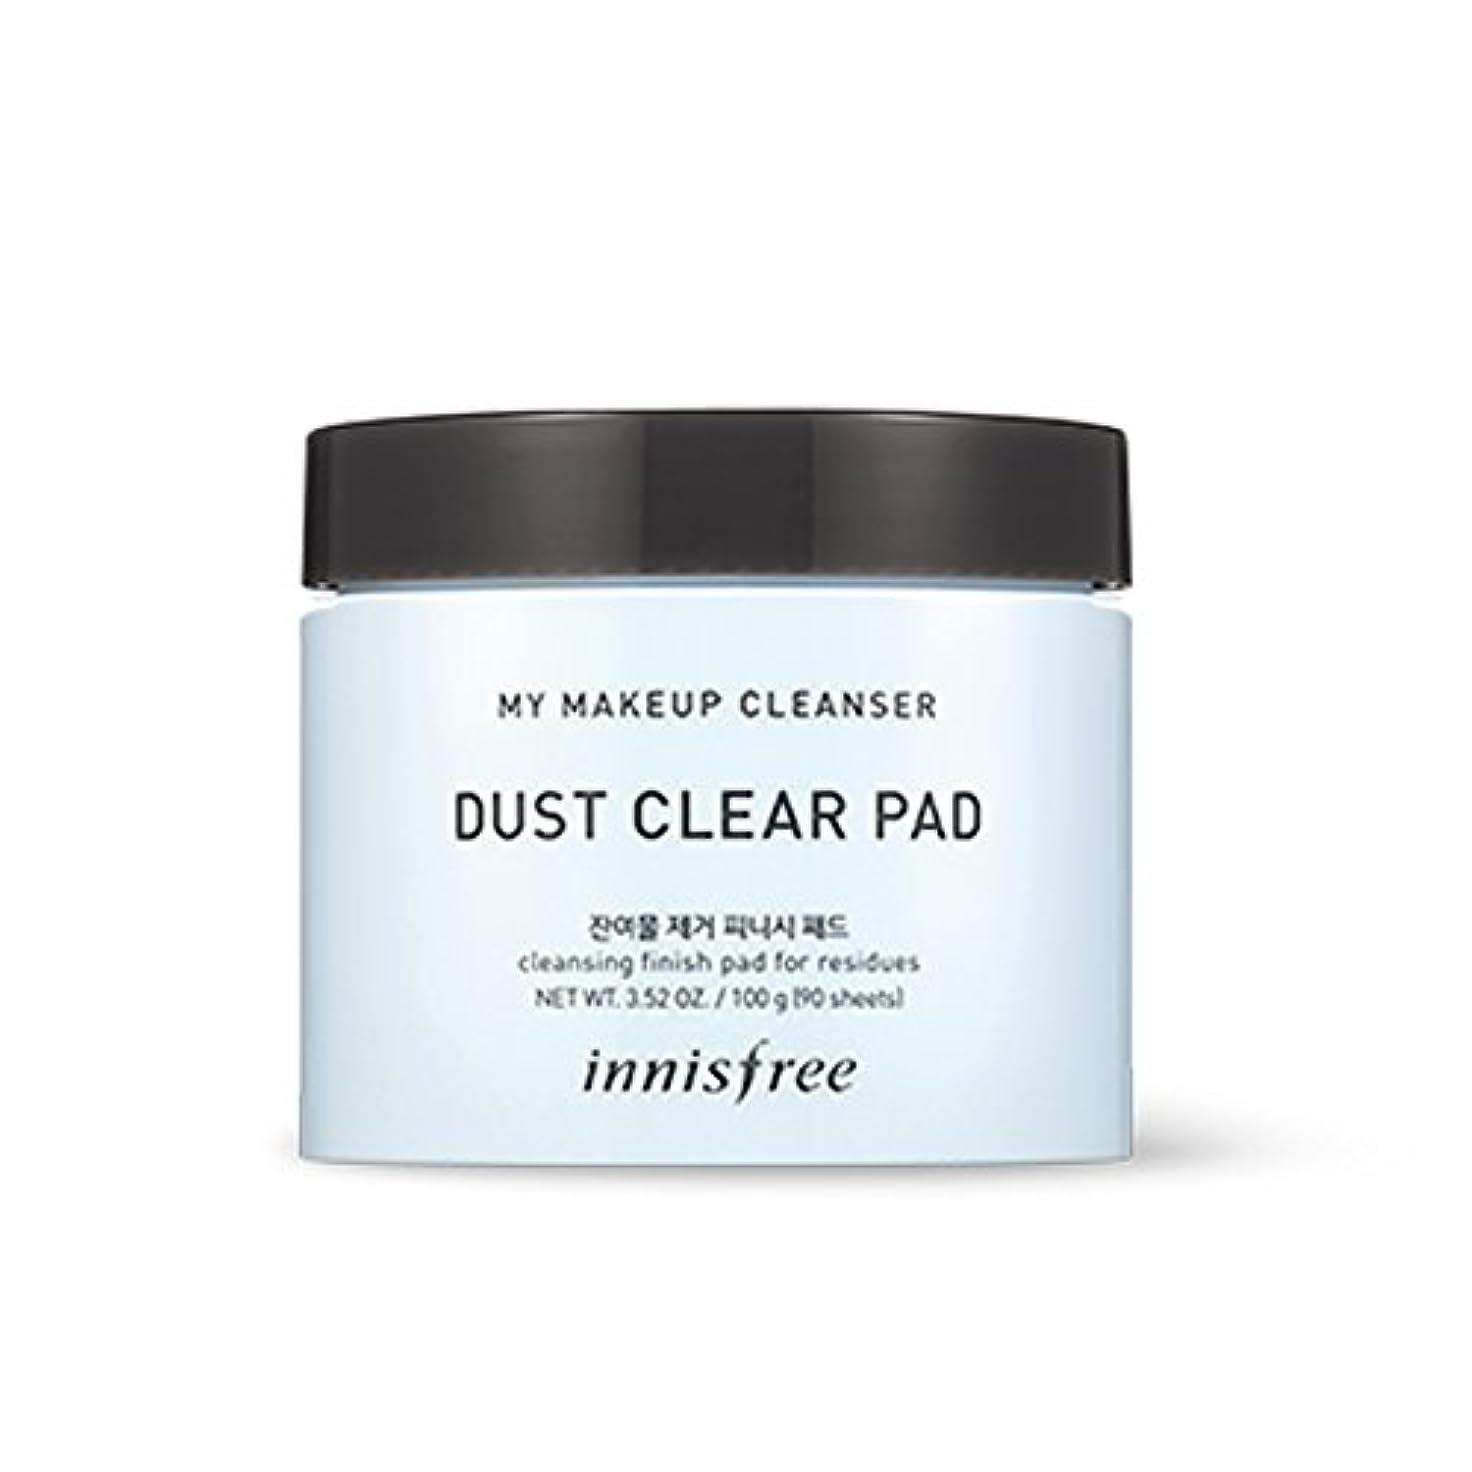 同封する効率的にオペライニスフリーマイメイクアップクレンザー - ダストクリアパッド90ea x 1個 Innisfree My Makeup Cleanser - Dust Clear Pad 90ea x 1pcs [海外直送品][並行輸入品]